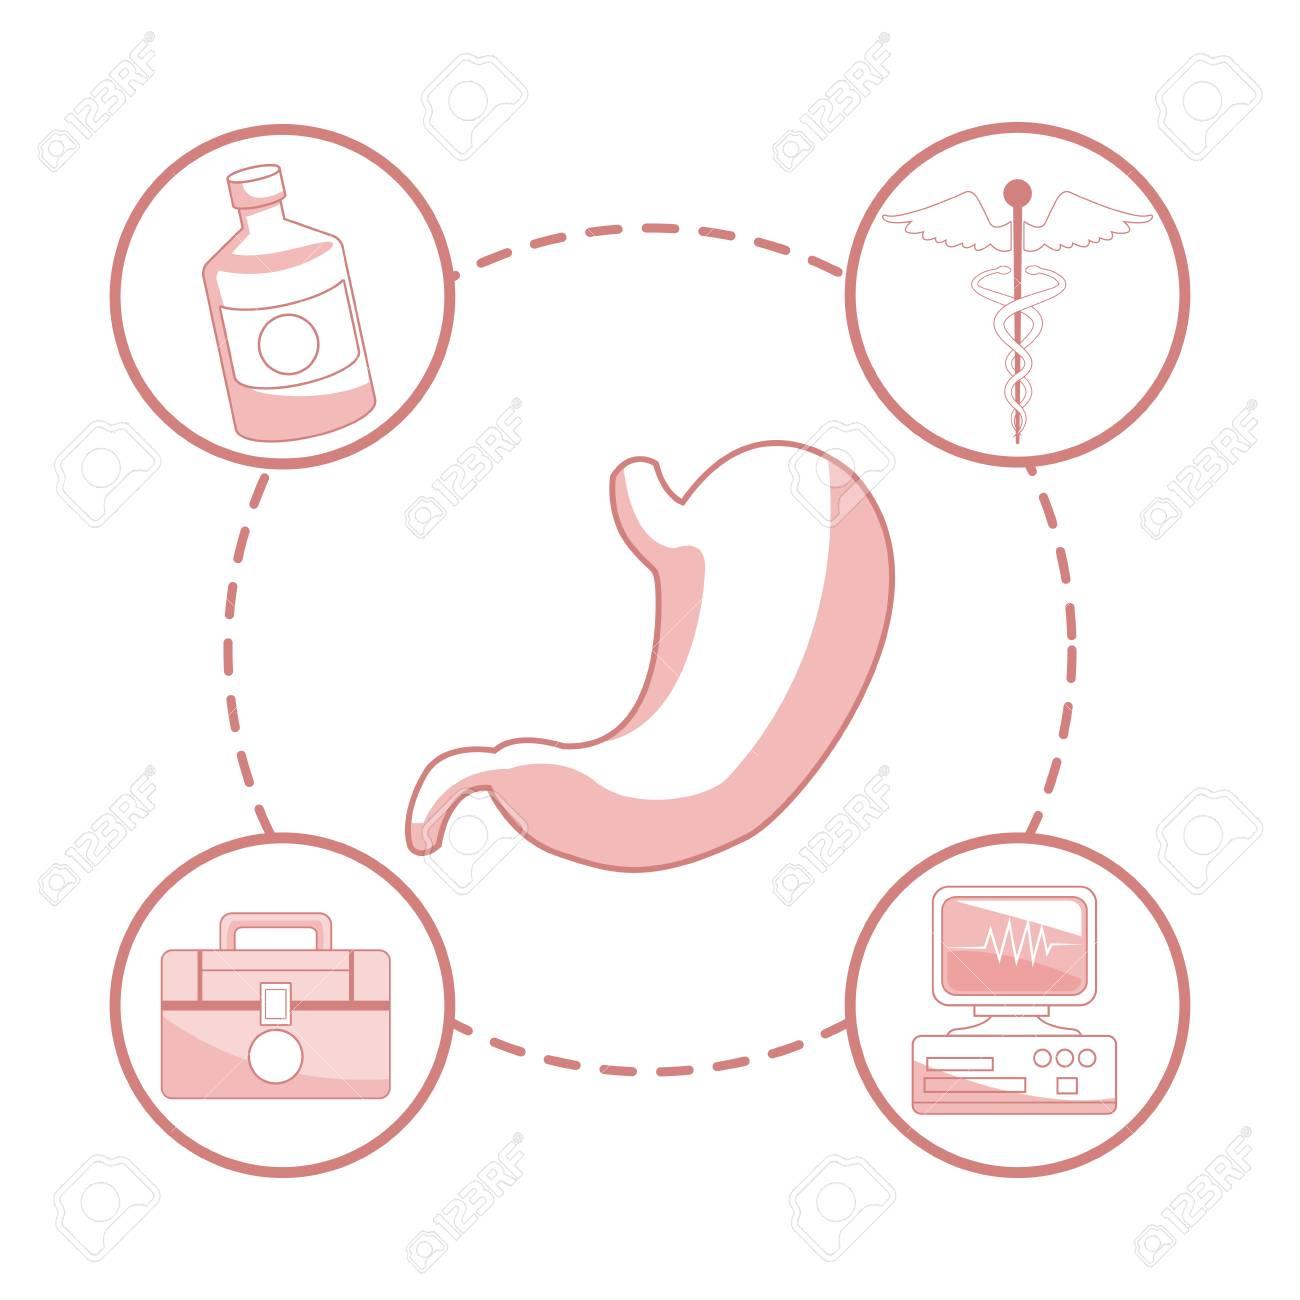 Fondo Blanco Con Secciones De Color Rojo De órgano De Estómago De ...